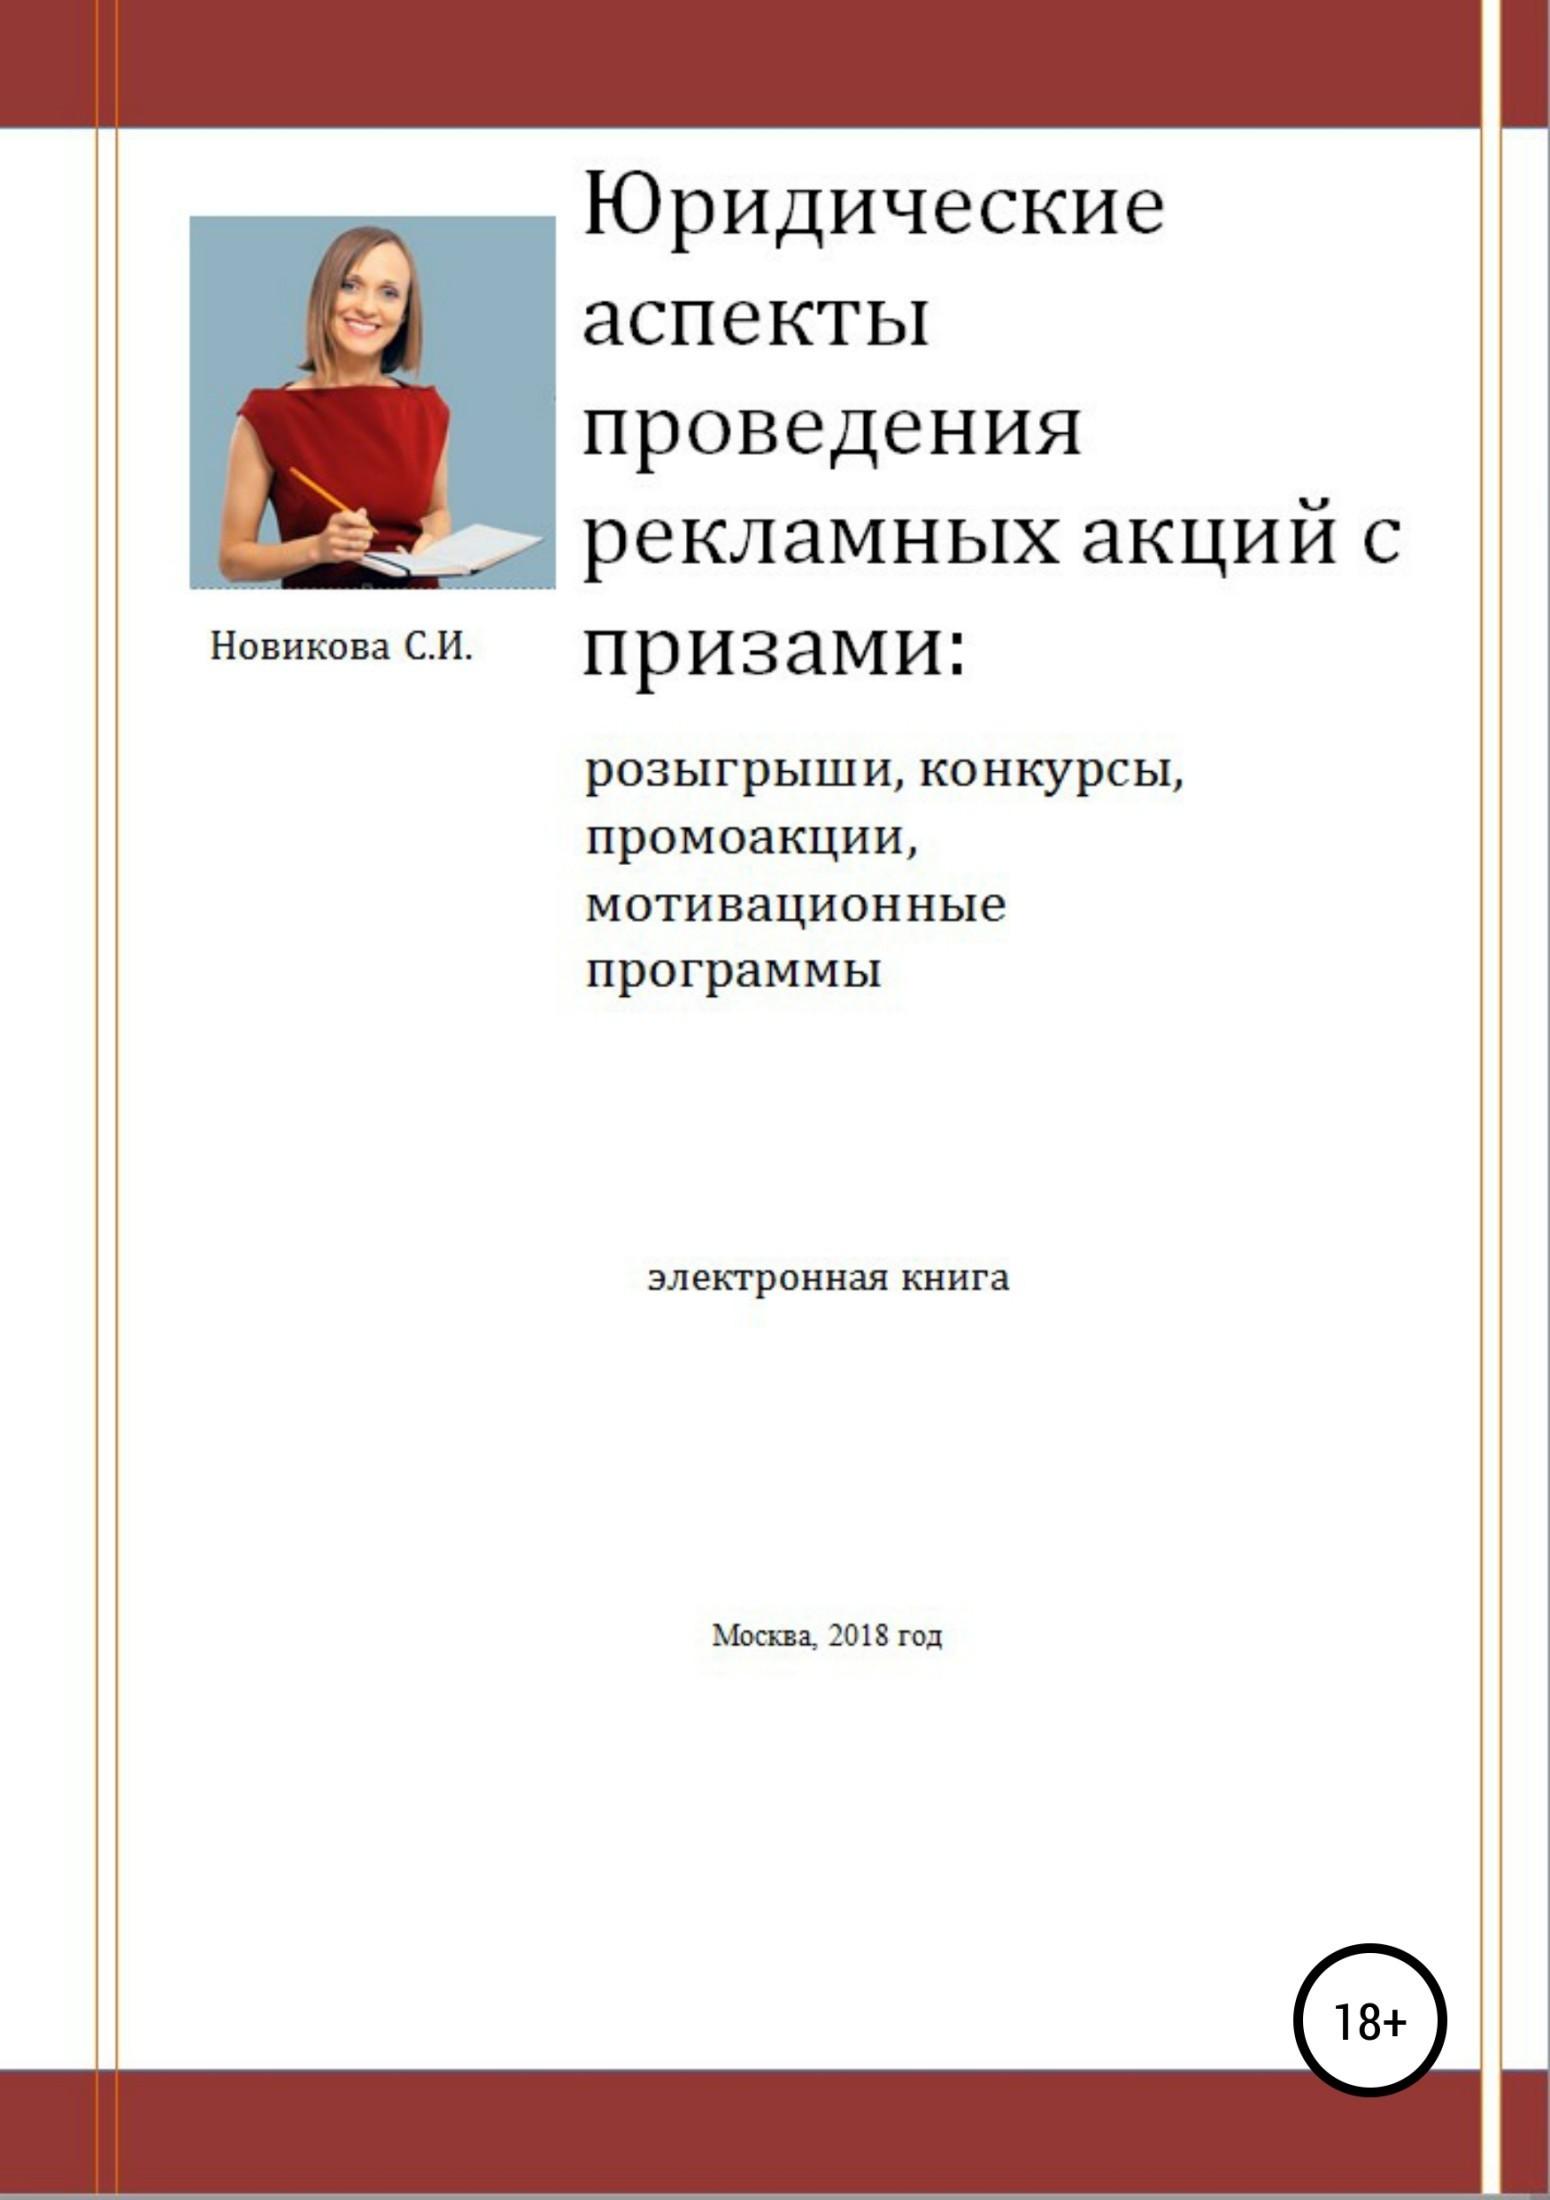 Обложка книги Юридические аспекты проведения рекламных акций с призами